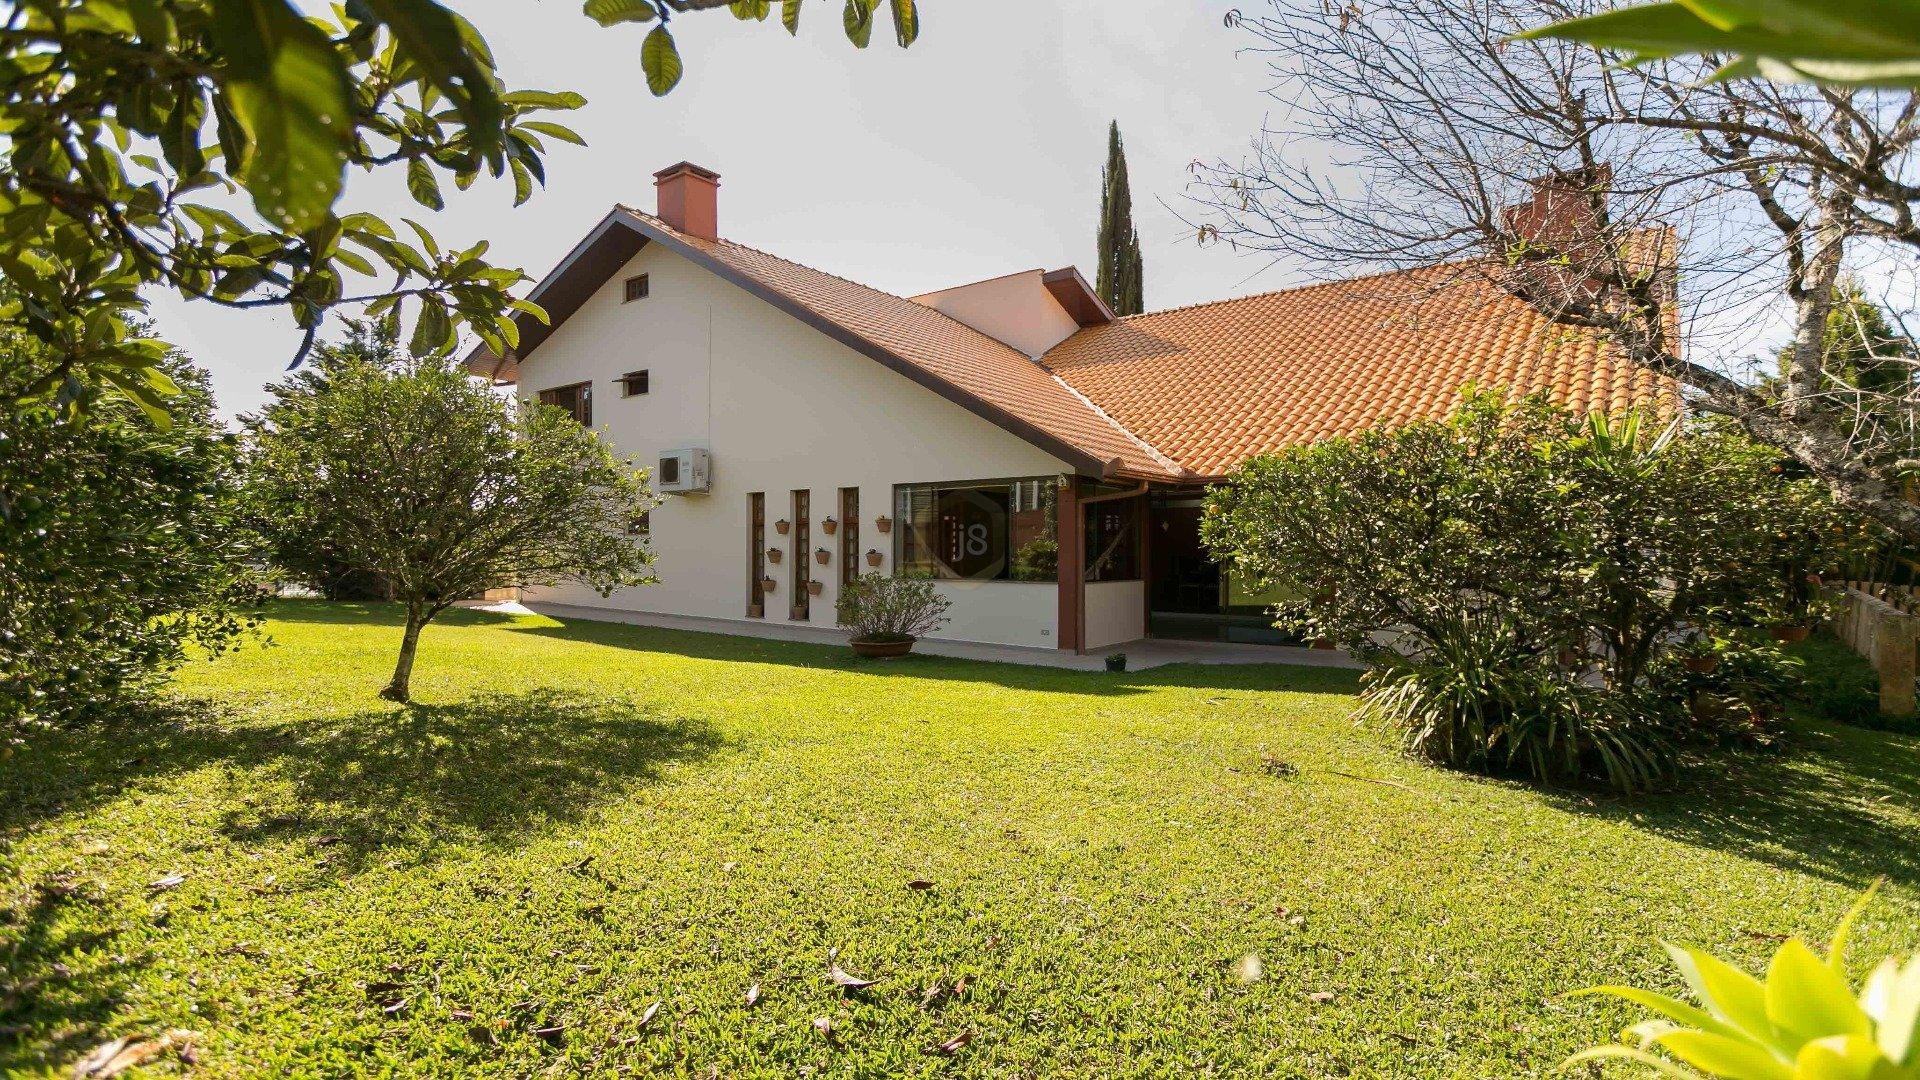 Foto de destaque Casa com um terreno maravilhoso no condomínio theodoro de bona